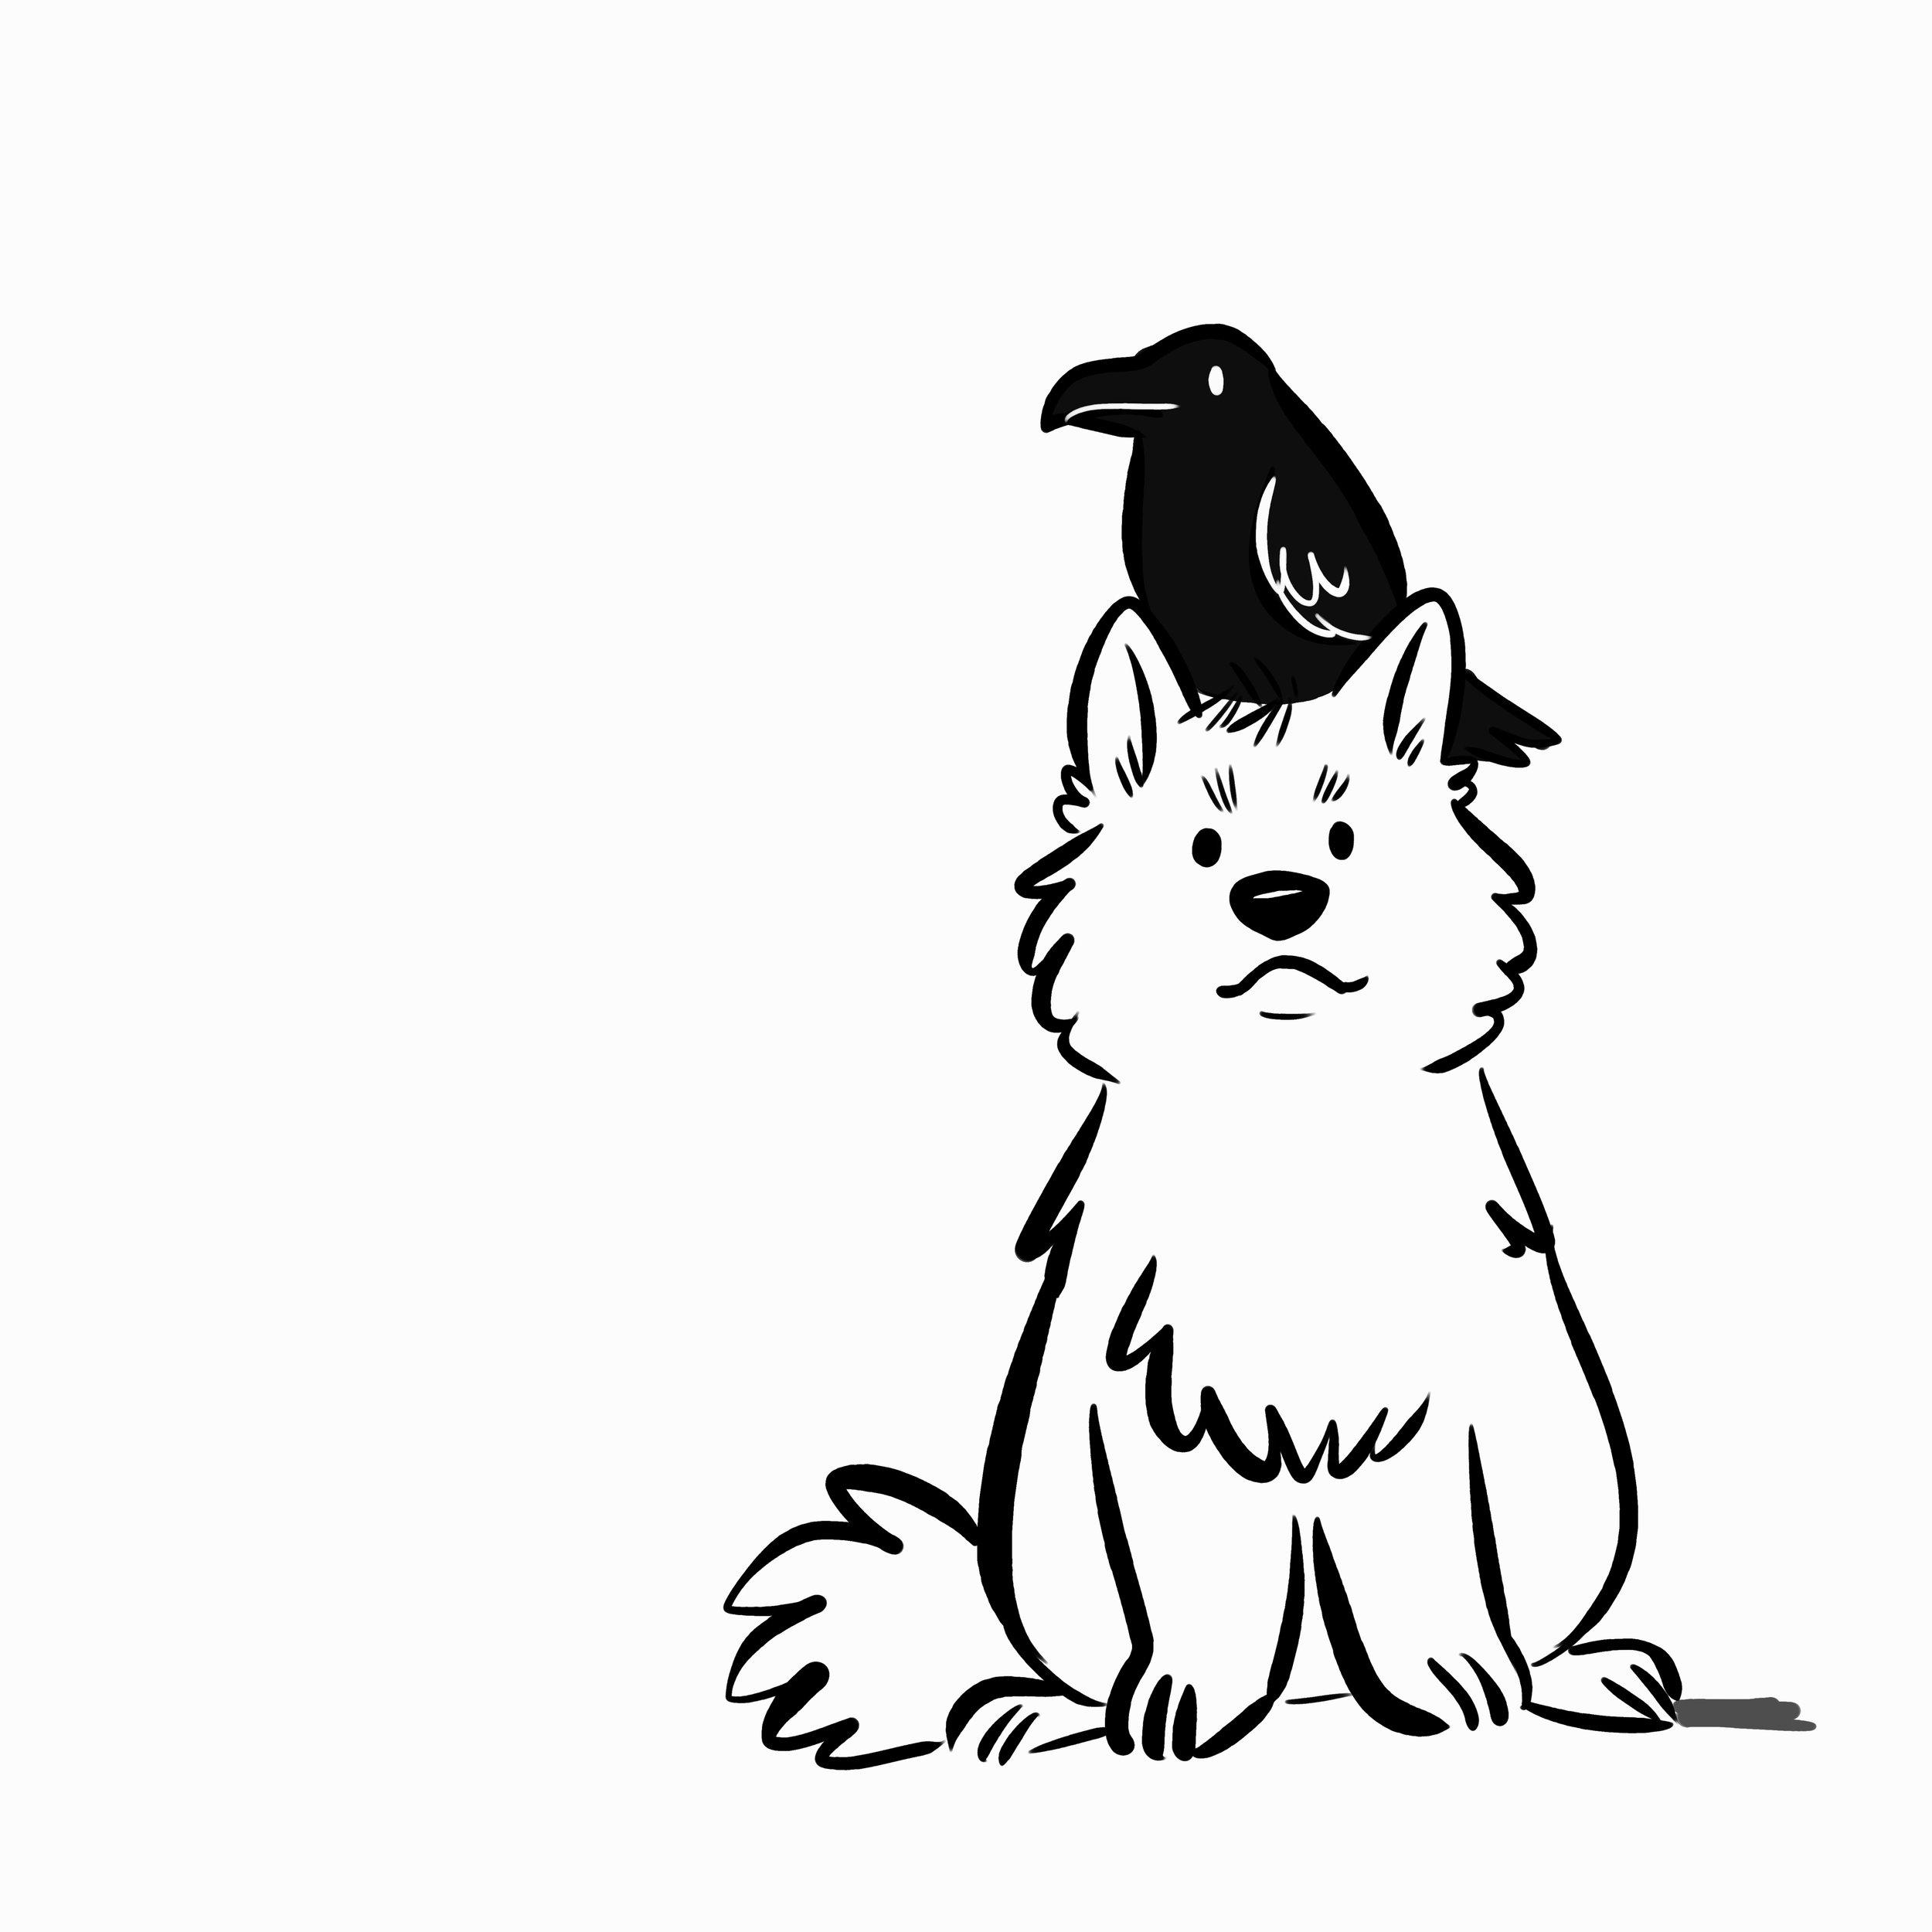 WerewolfBoyfriend_Cover_PG02_SPOTART.jpg